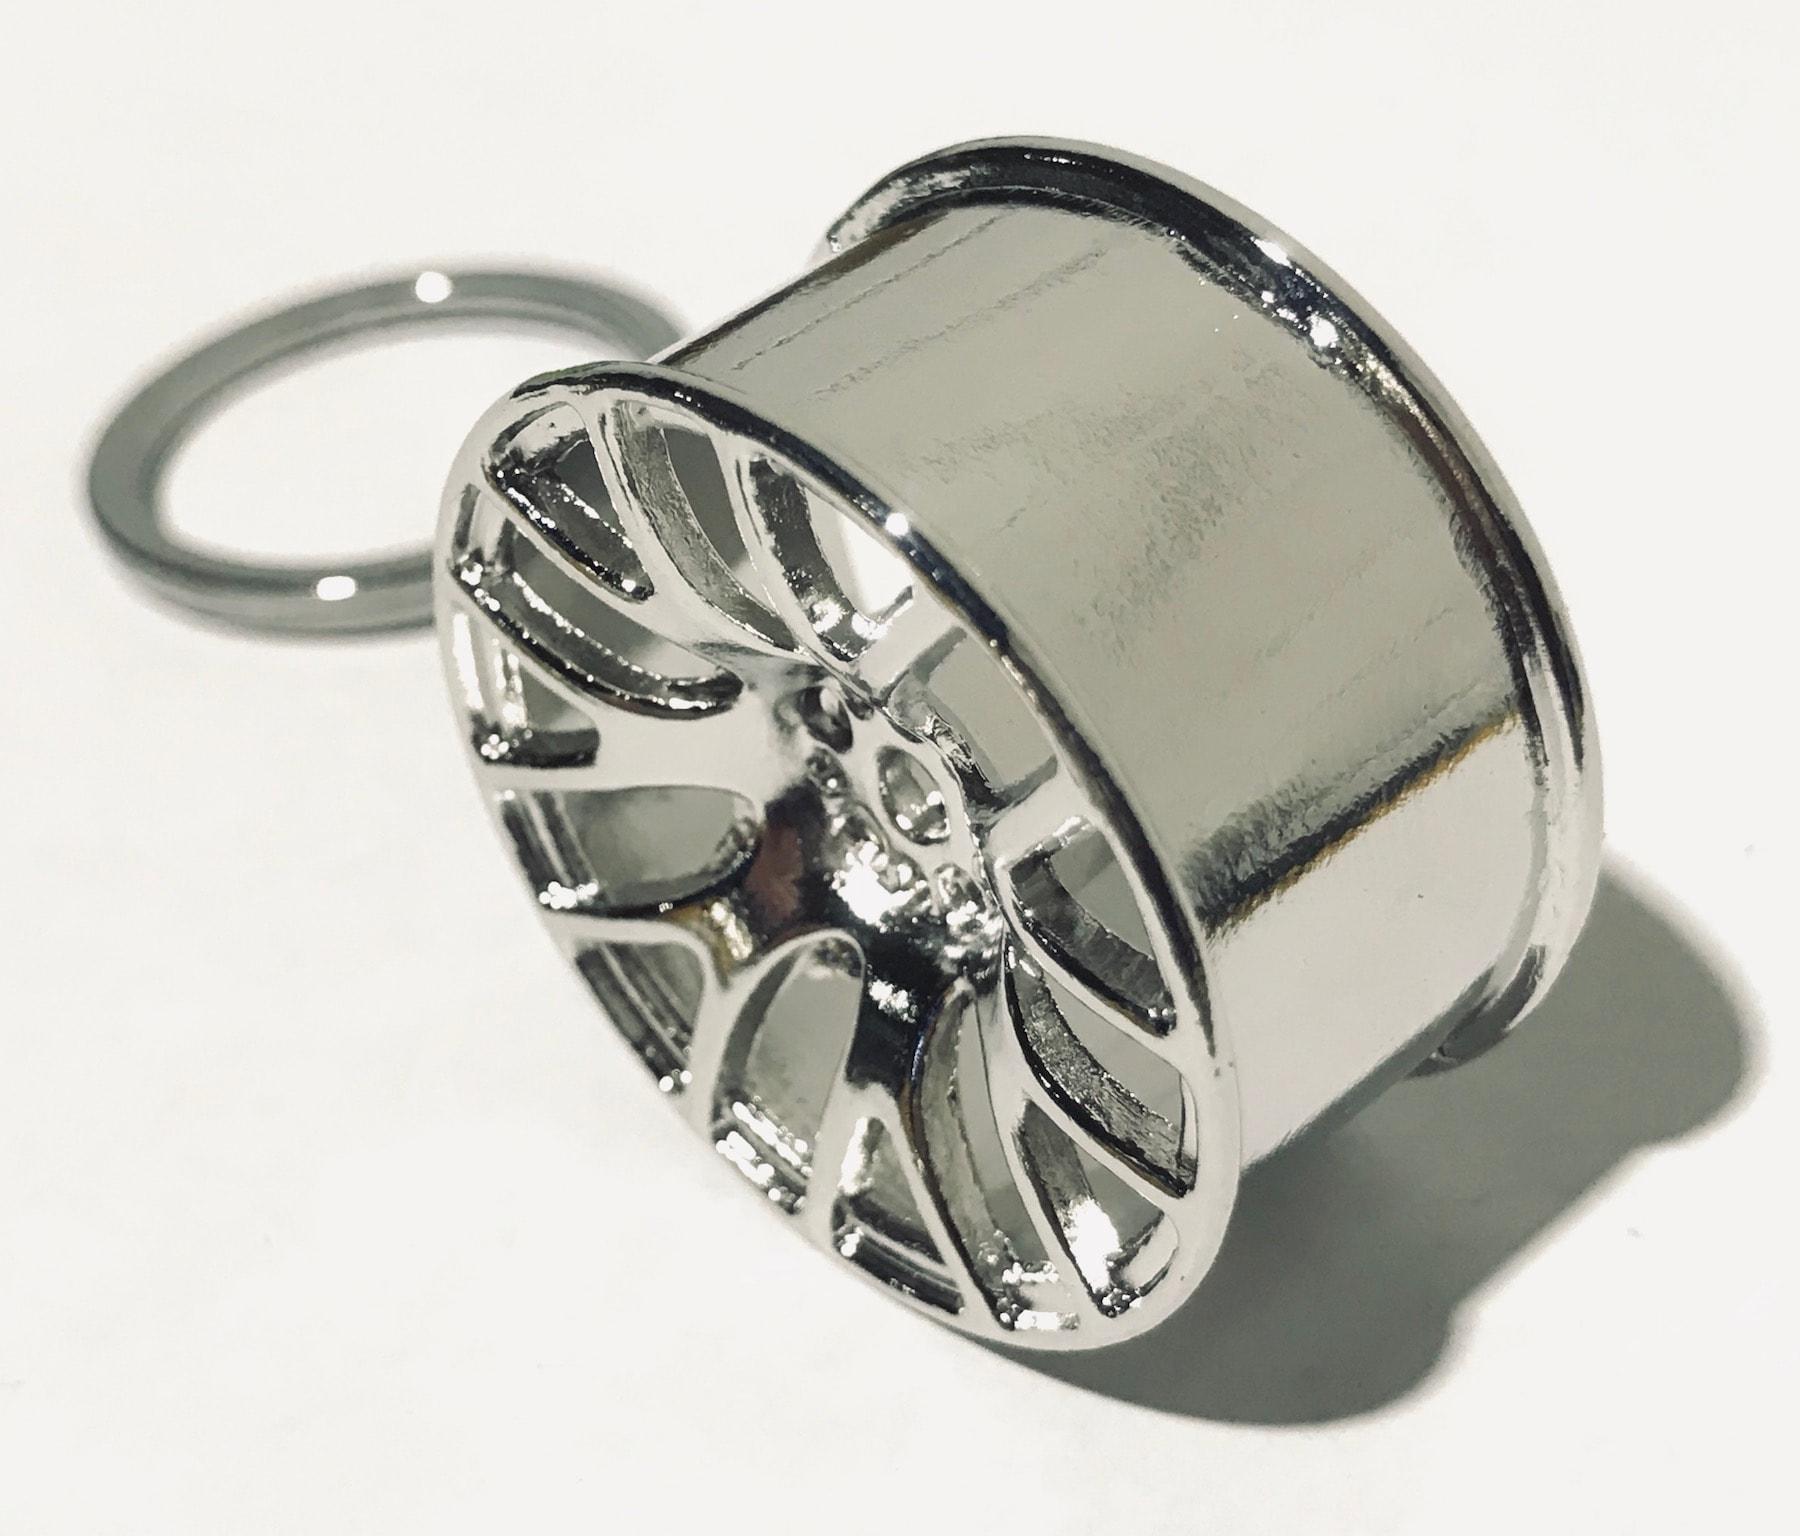 Car Alloy Wheel Chrome Silver Keyring Cool Key Fob Realistic Look & Feel Gift Birthday Xmas